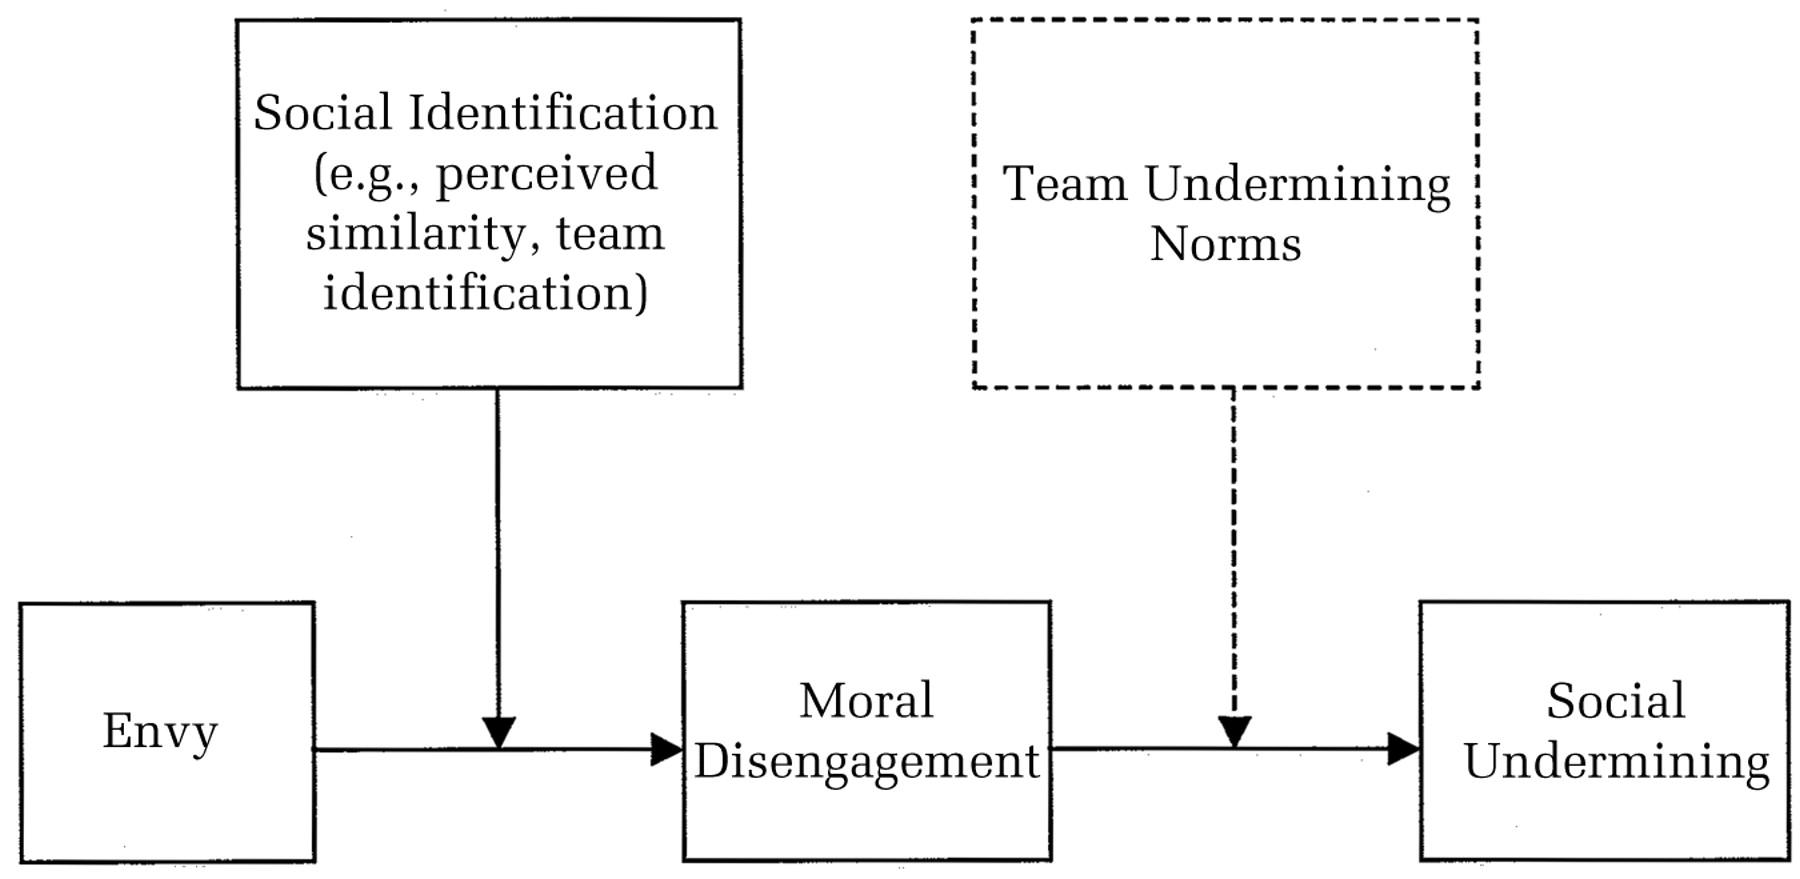 Social Undermining